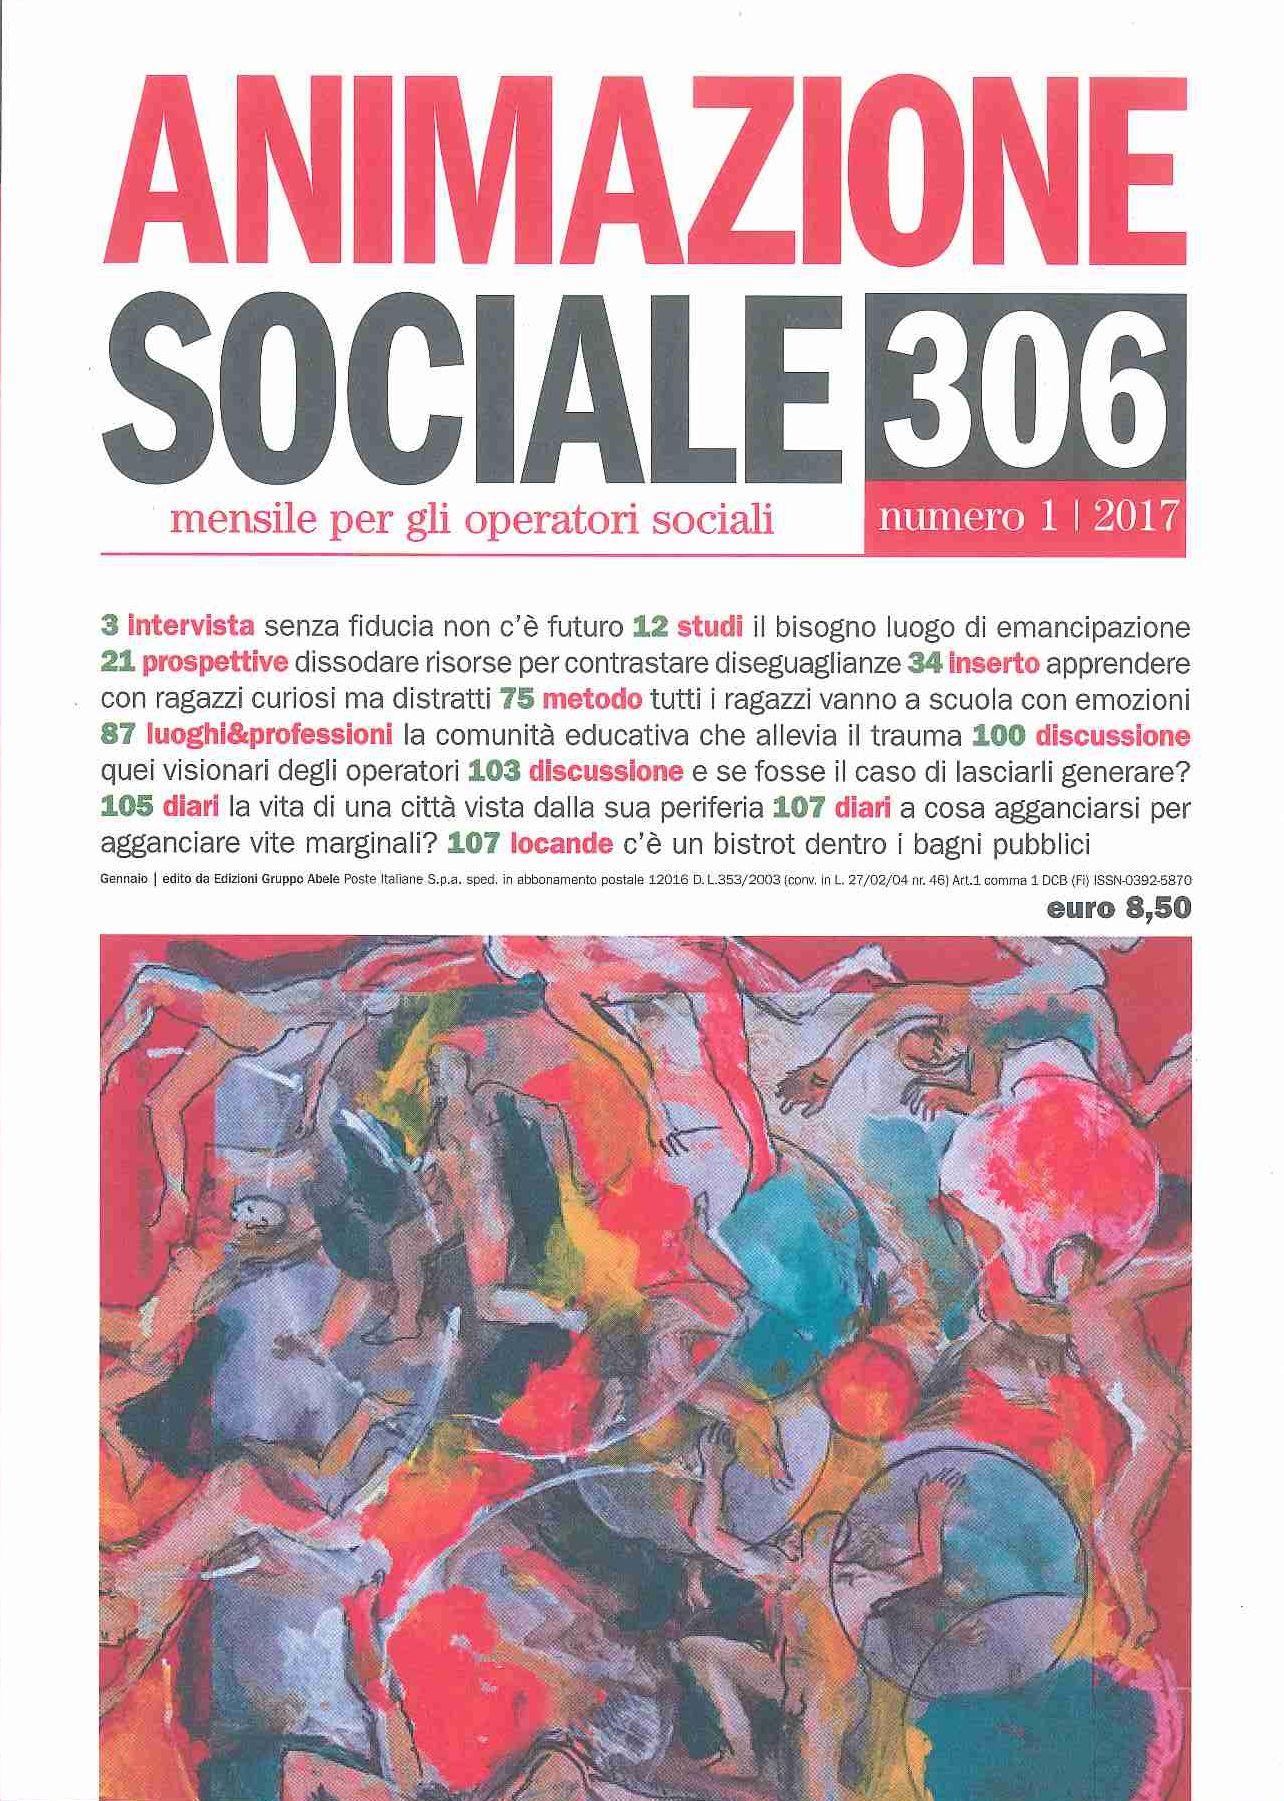 300animazione_sociale_1_17